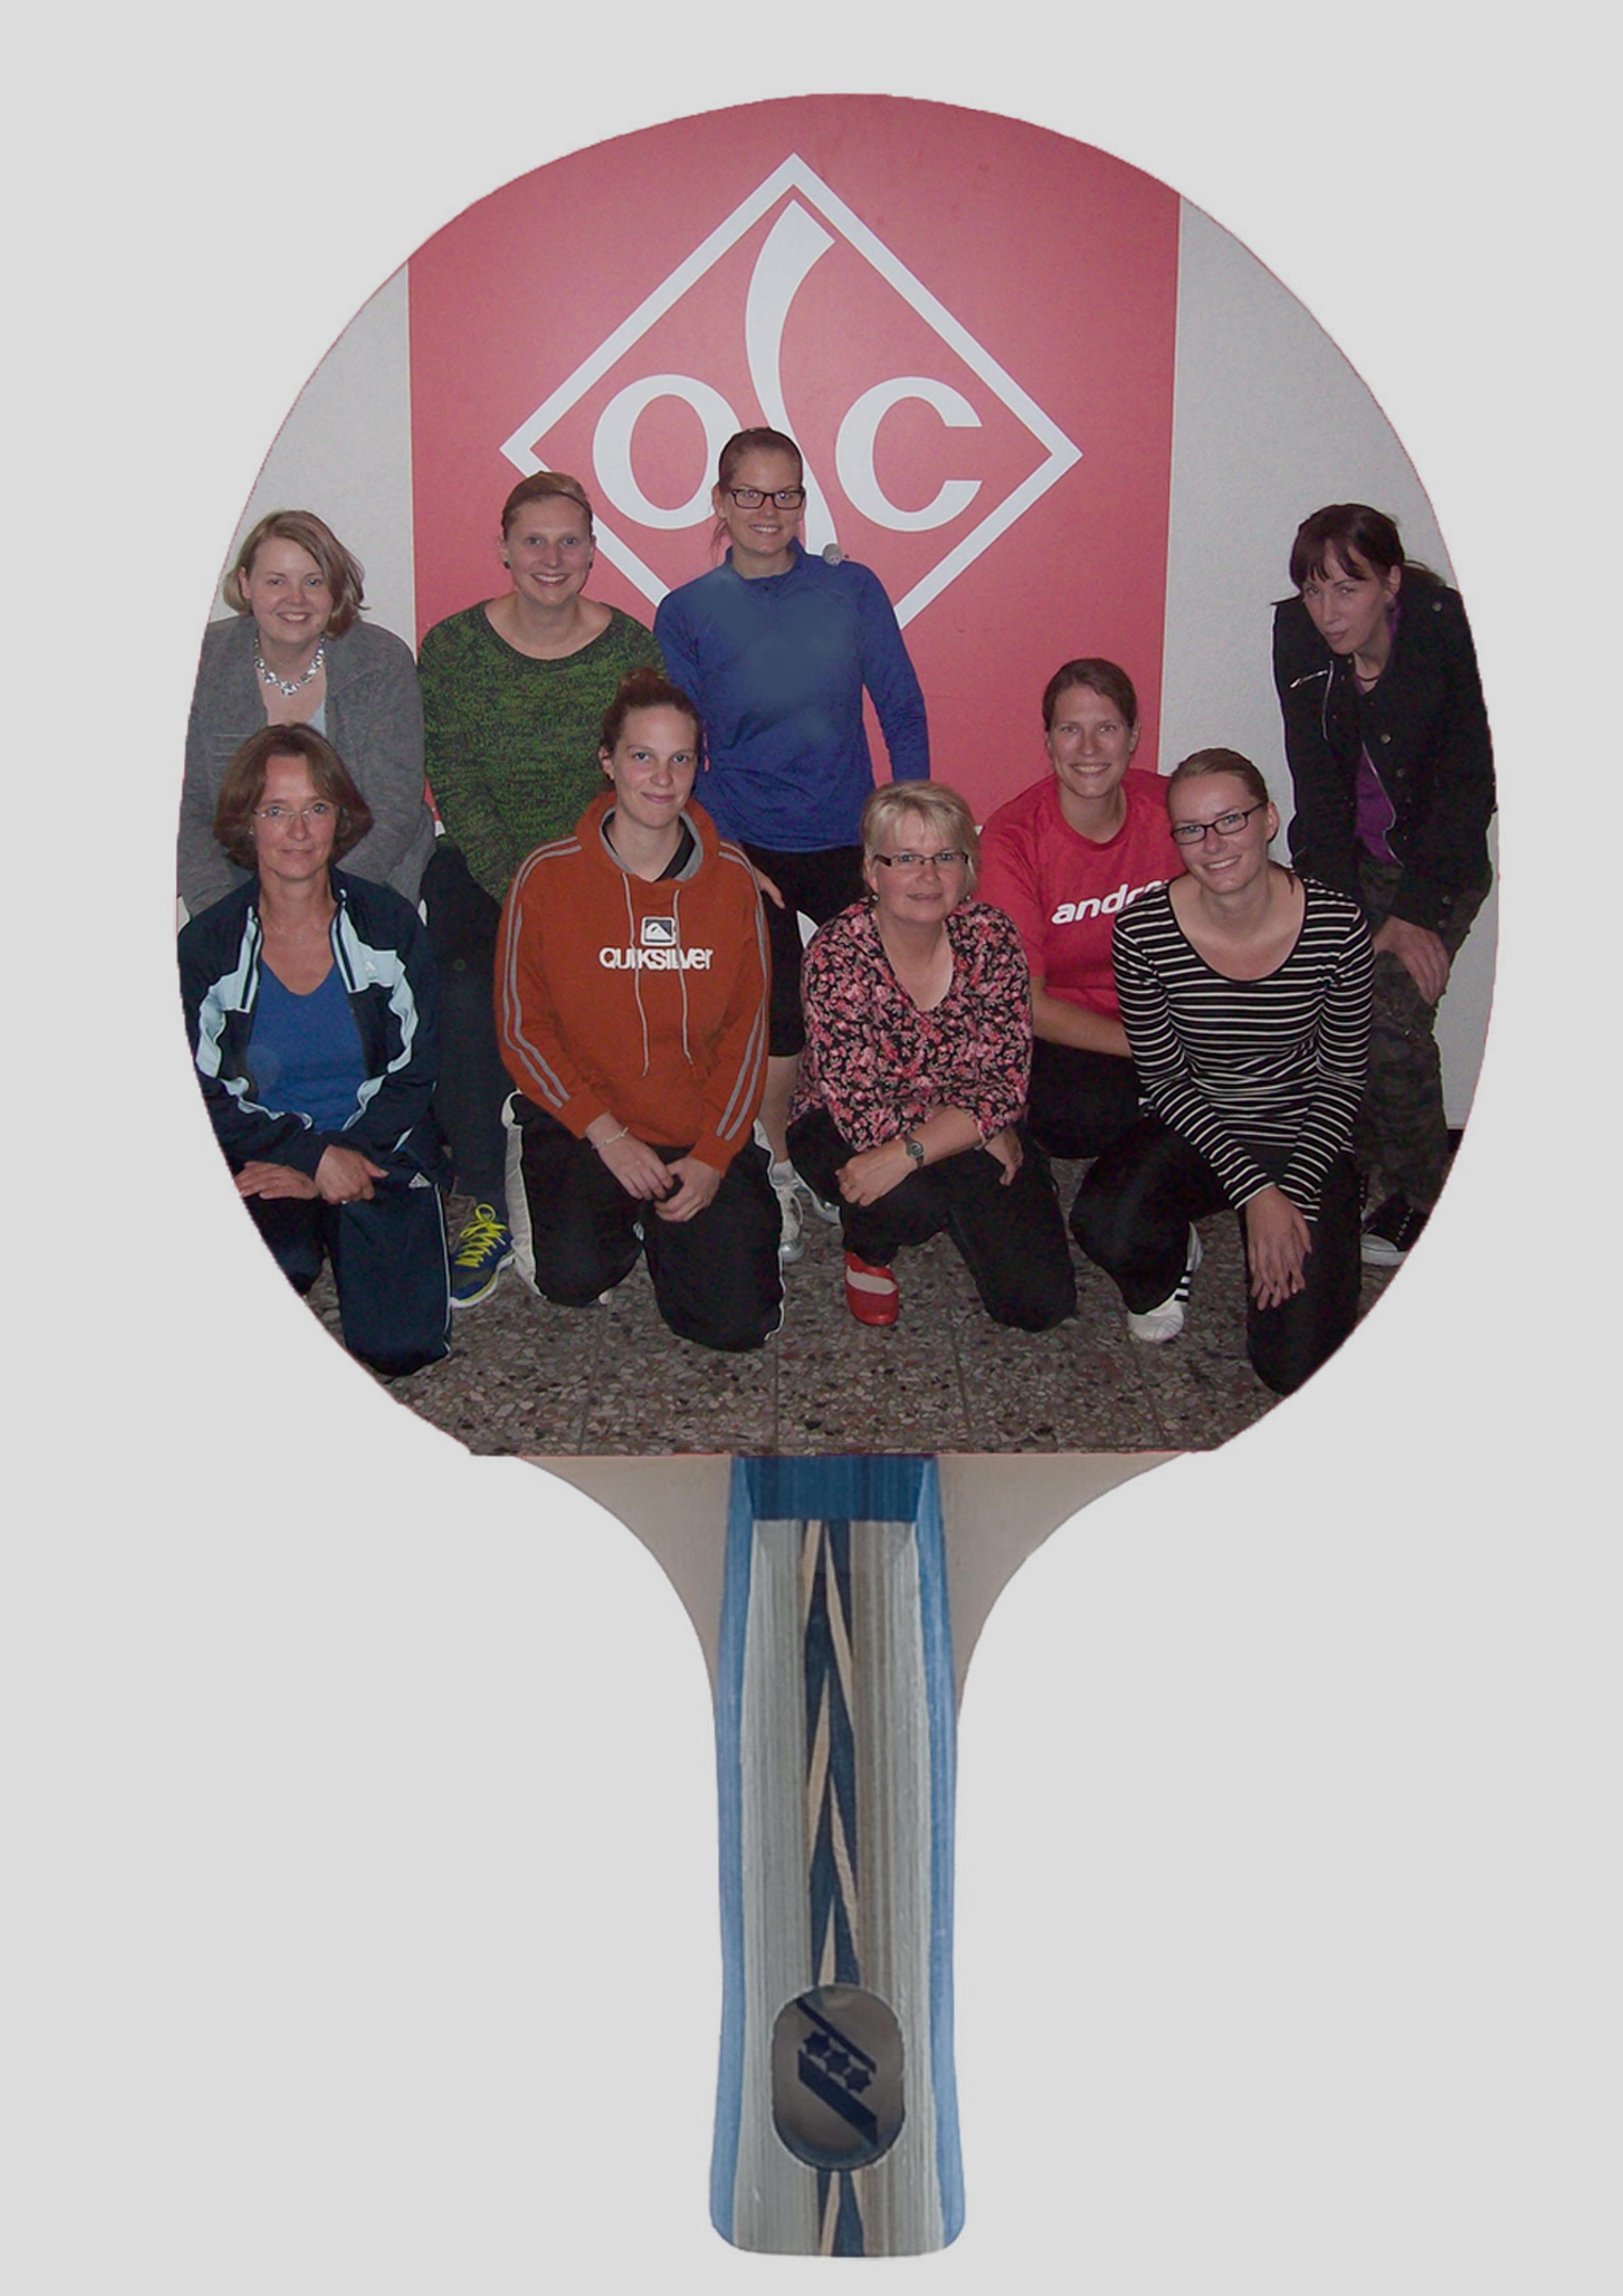 spitznahme tischtennis hobbytruppe